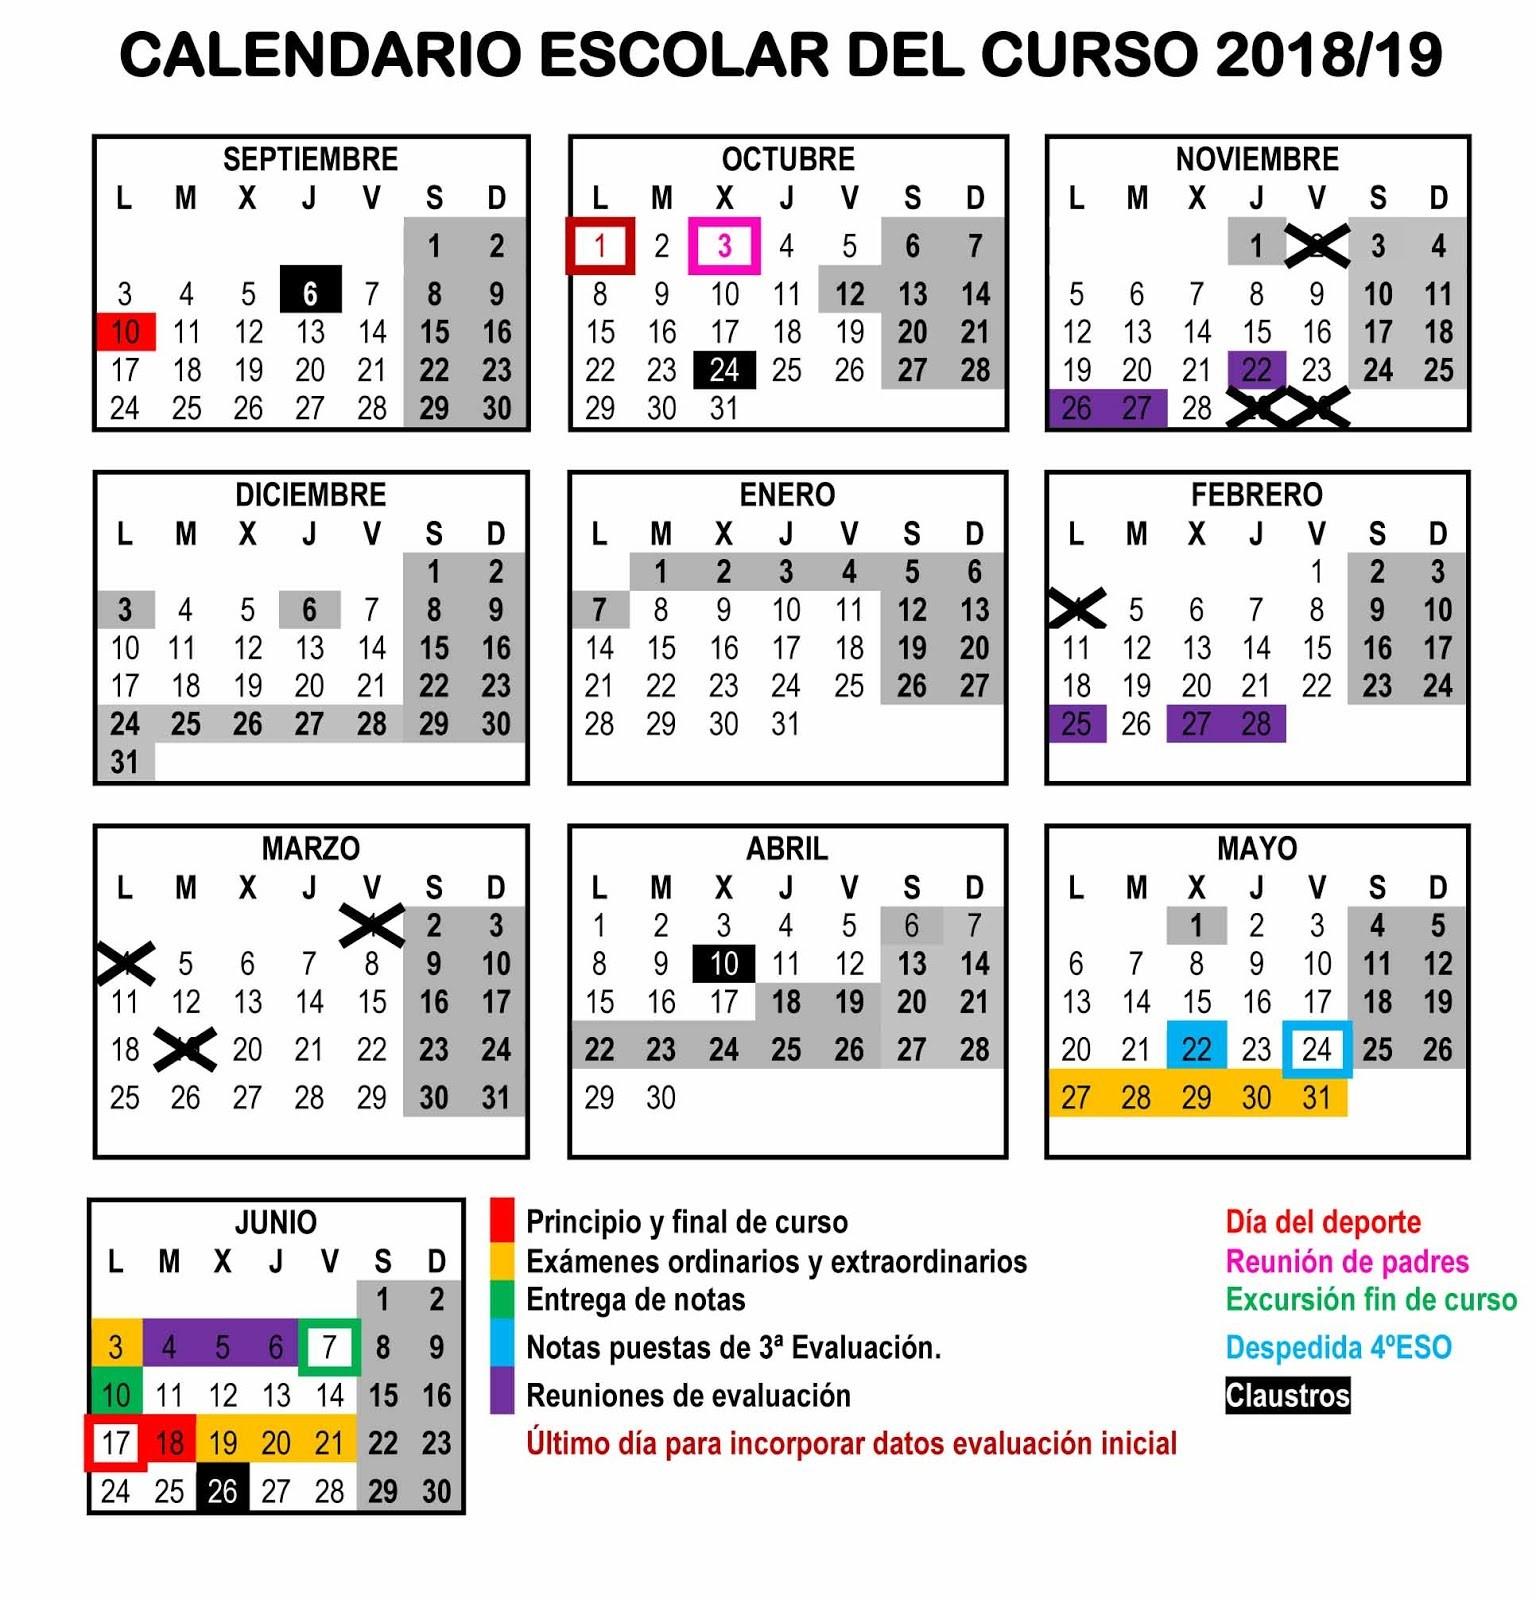 CALENDARIO 2018 2019